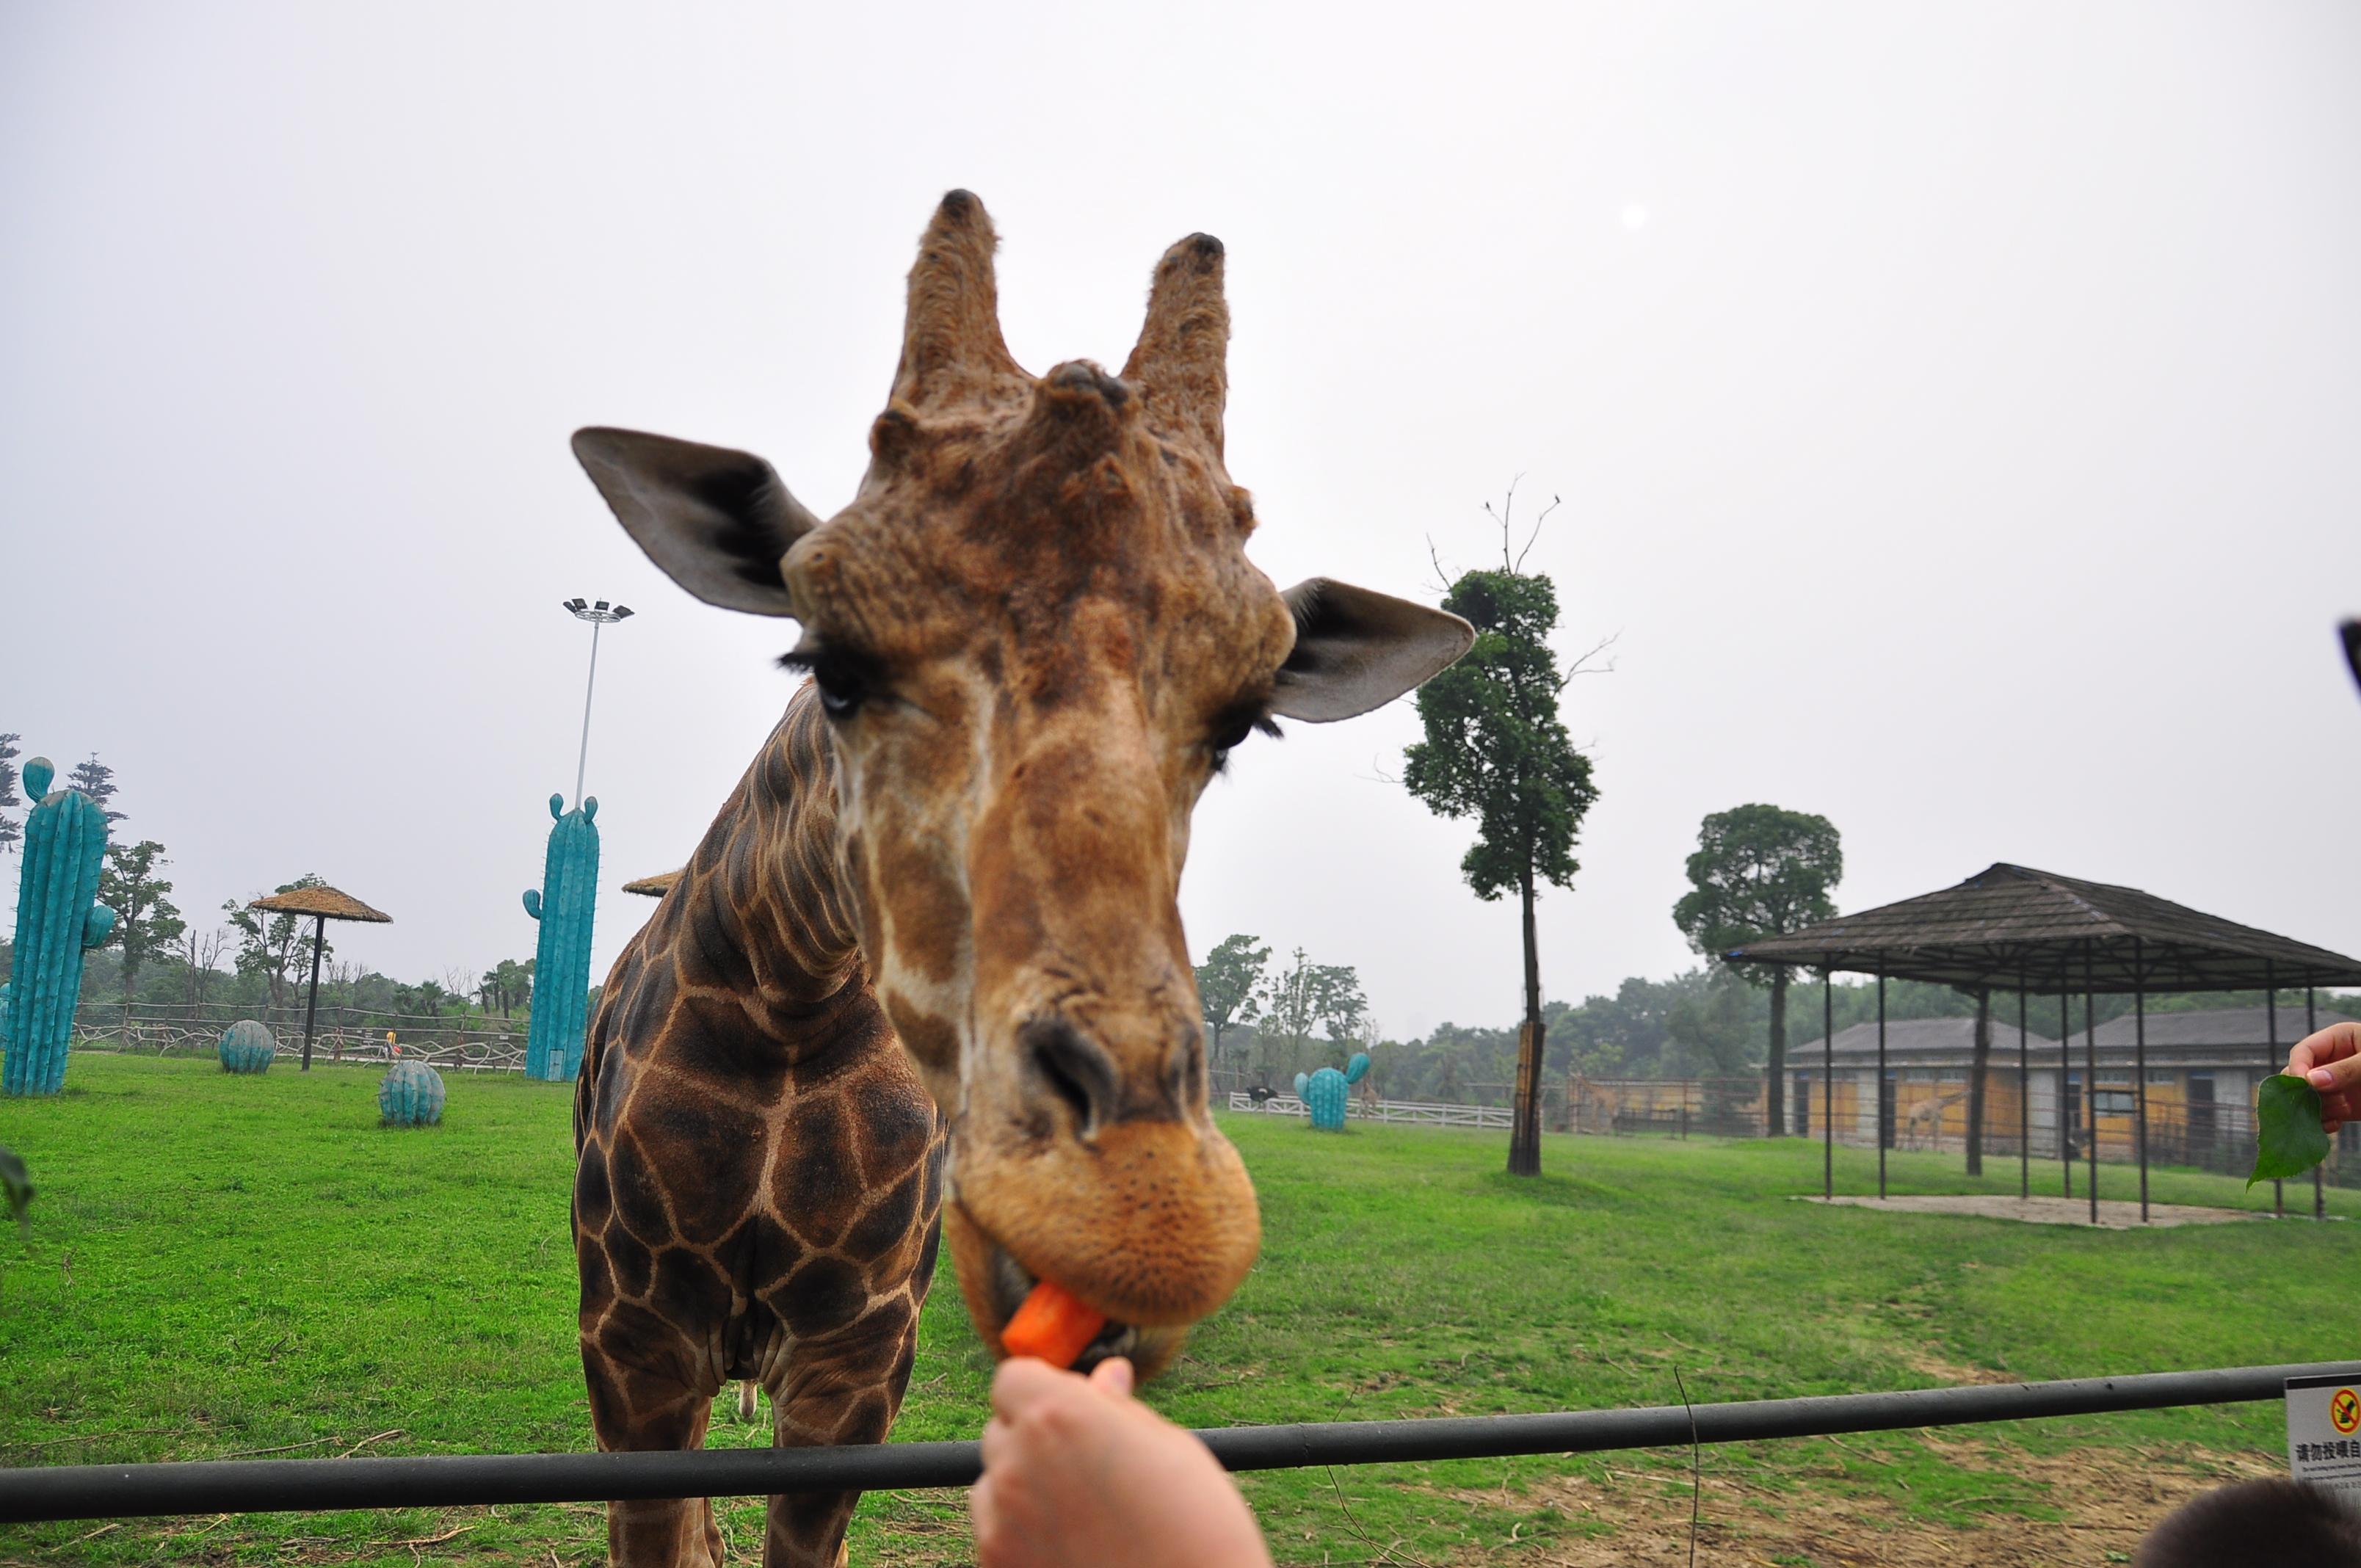 【妈妈去哪儿】淹城野生动物园+常州博物馆=轻松周末